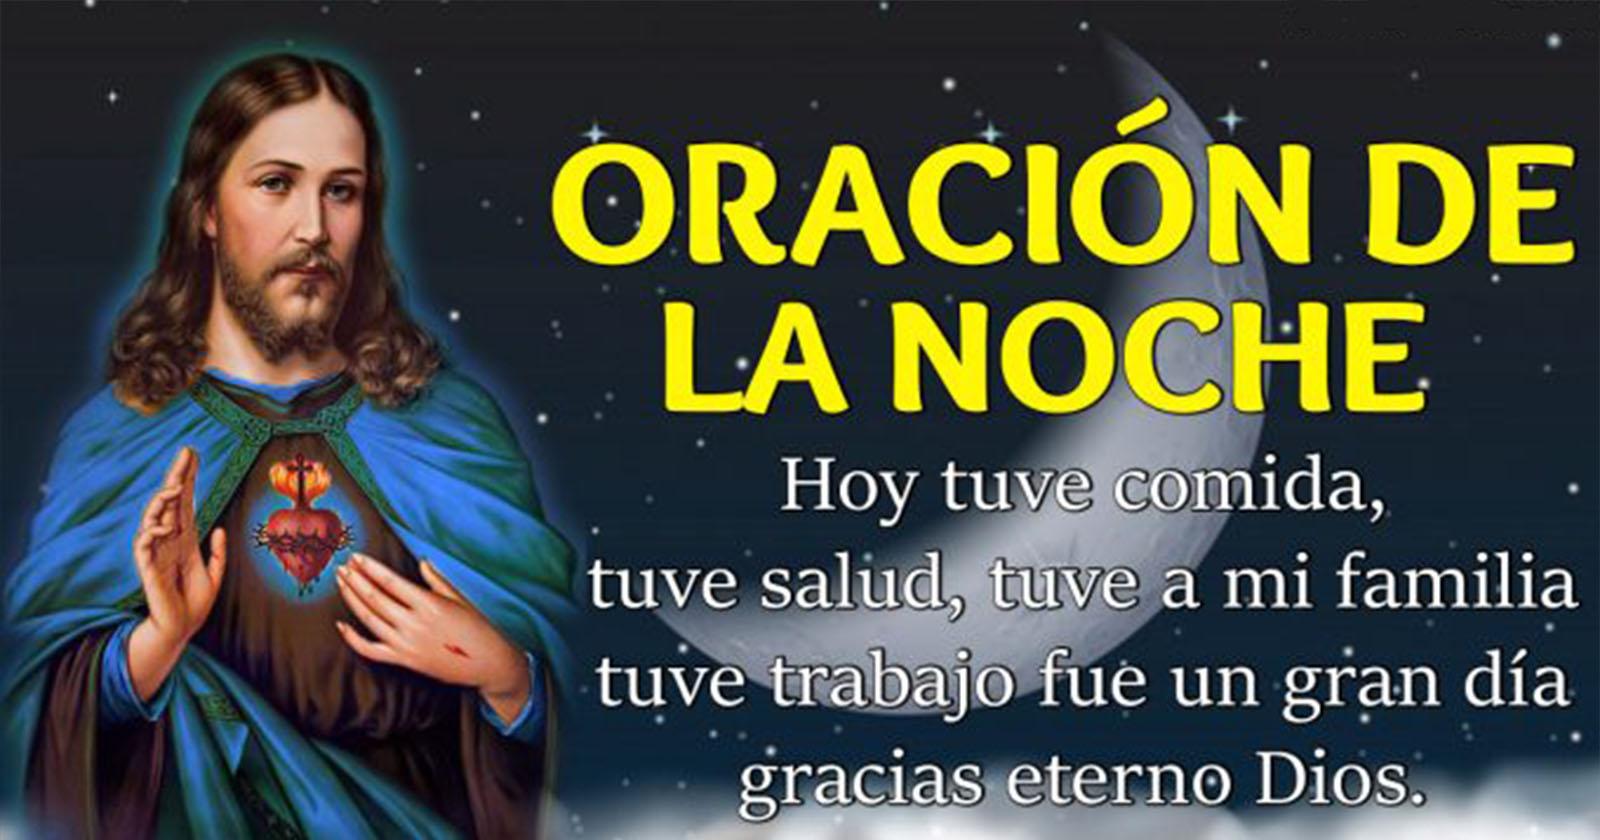 Oración de la Noche – Gracias Señor porque tengo un techo donde vivir